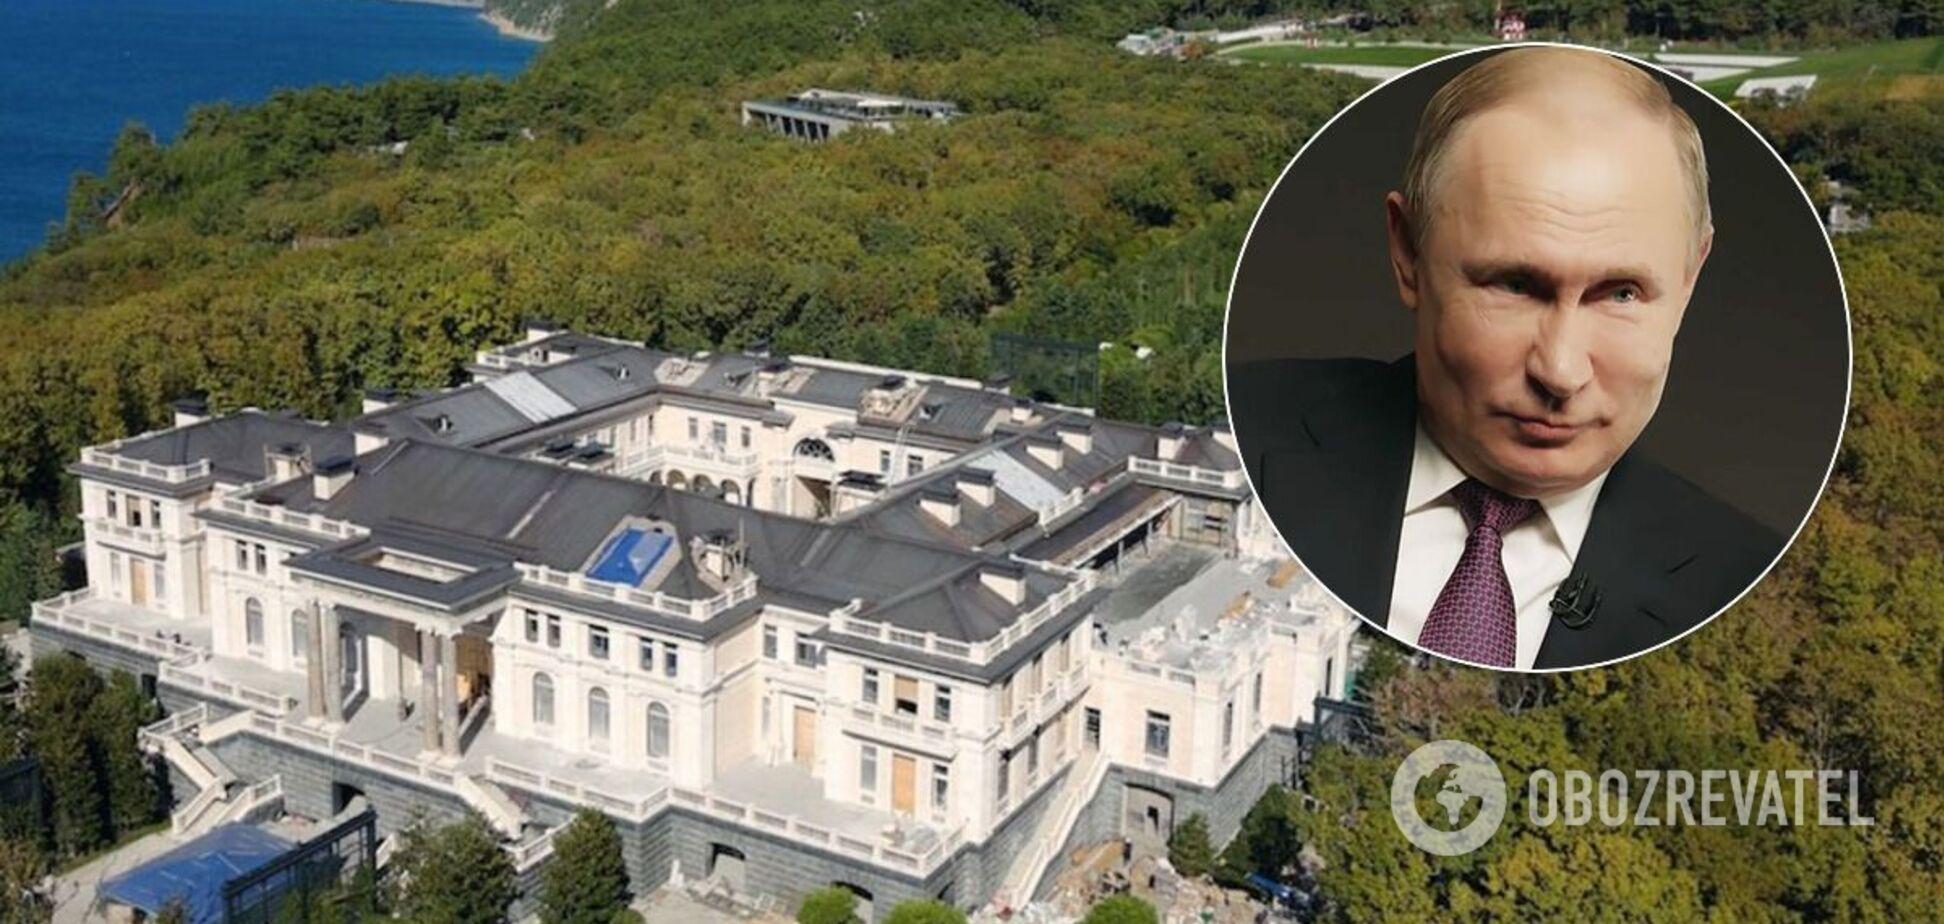 Россияне создали петицию с требованием снести 'дворец Путина'